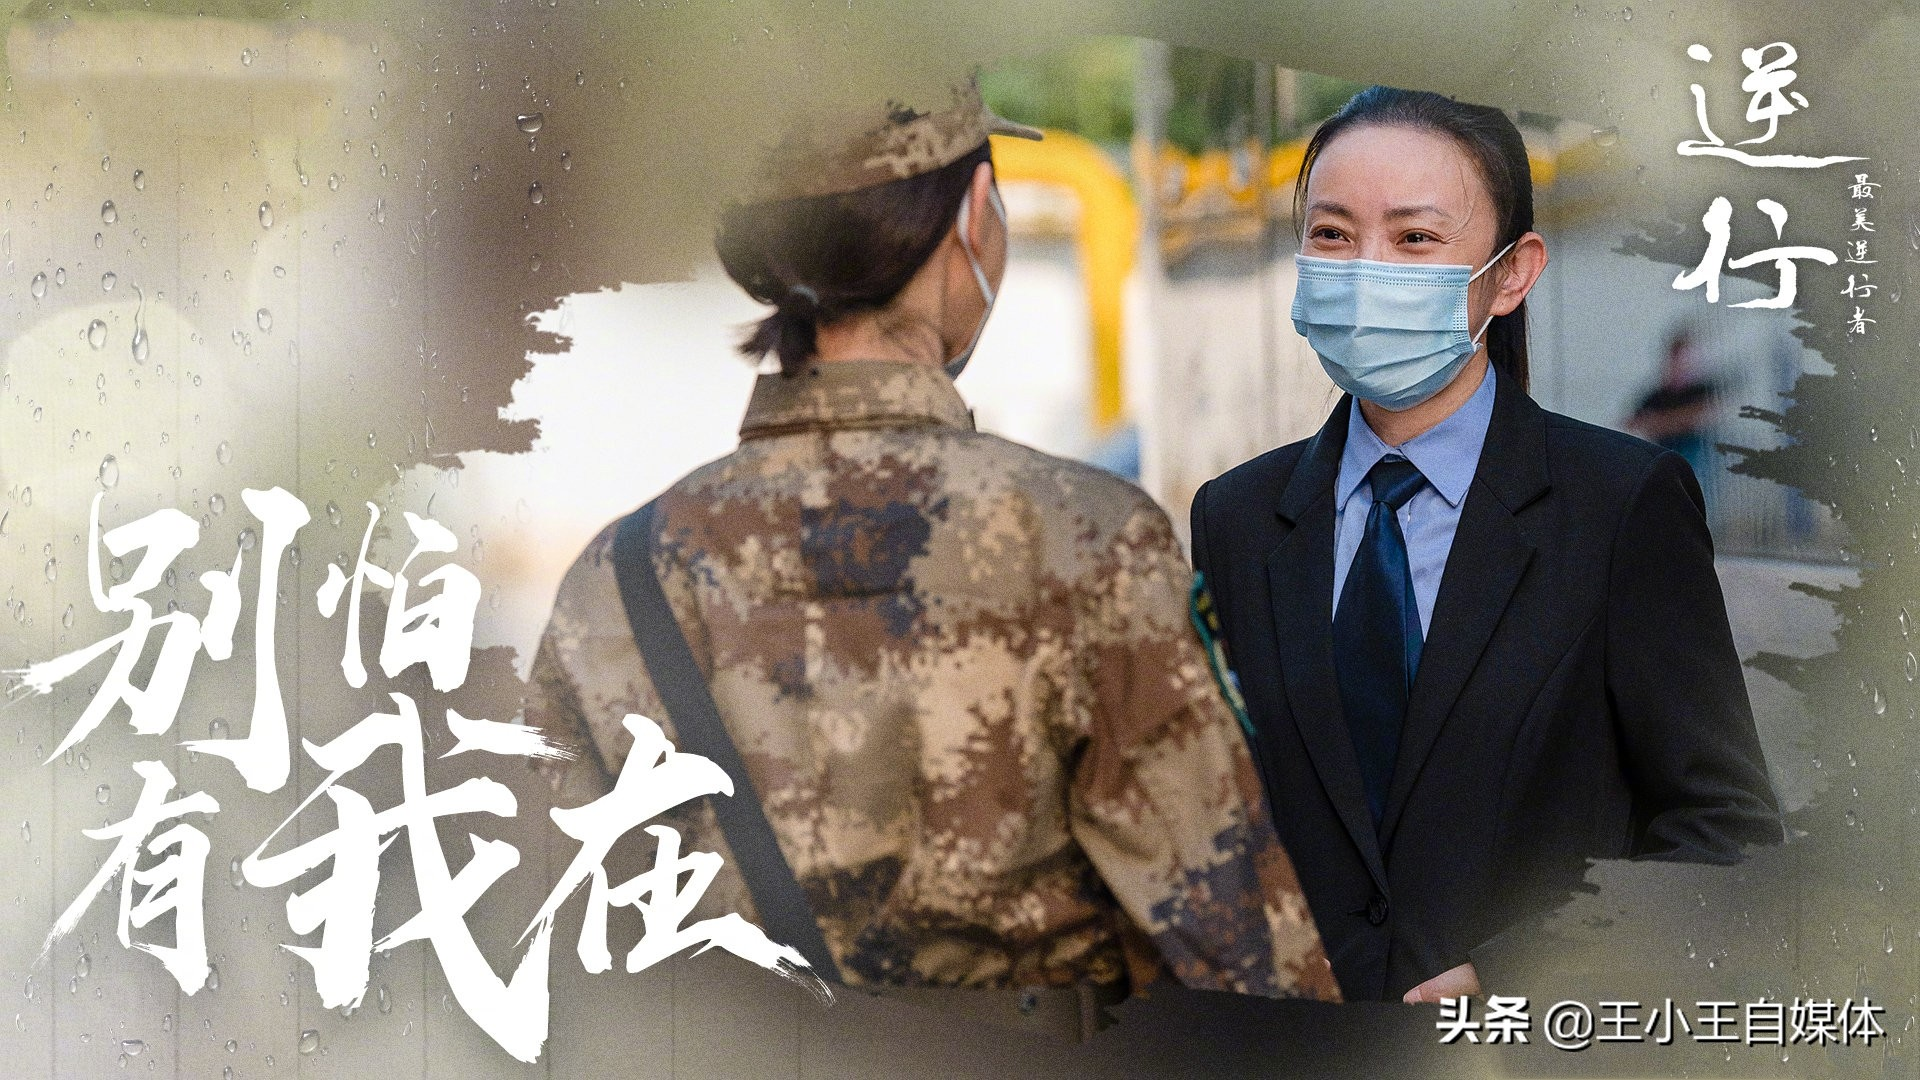 最美逆行者之《逆行》,陈数,王志飞演技炸裂,观众全程泪奔